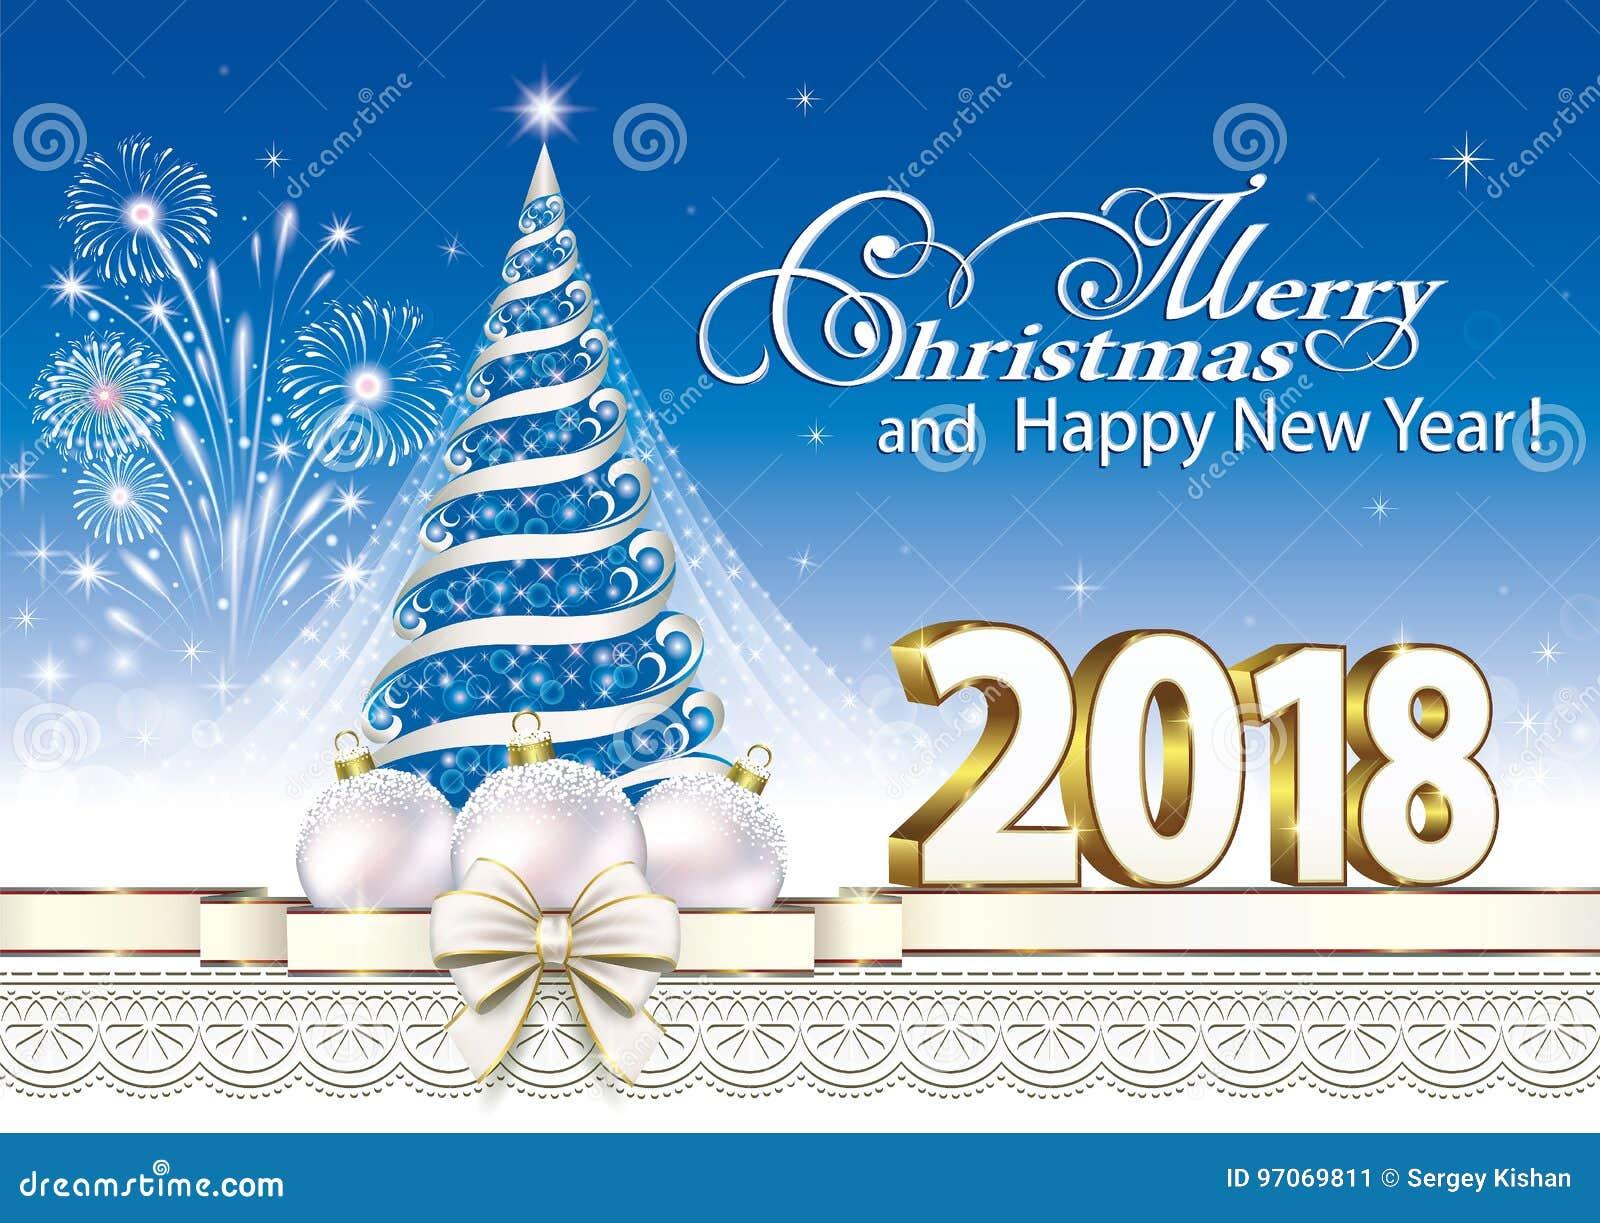 christmas cards 2018 - Yelom.digitalsite.co